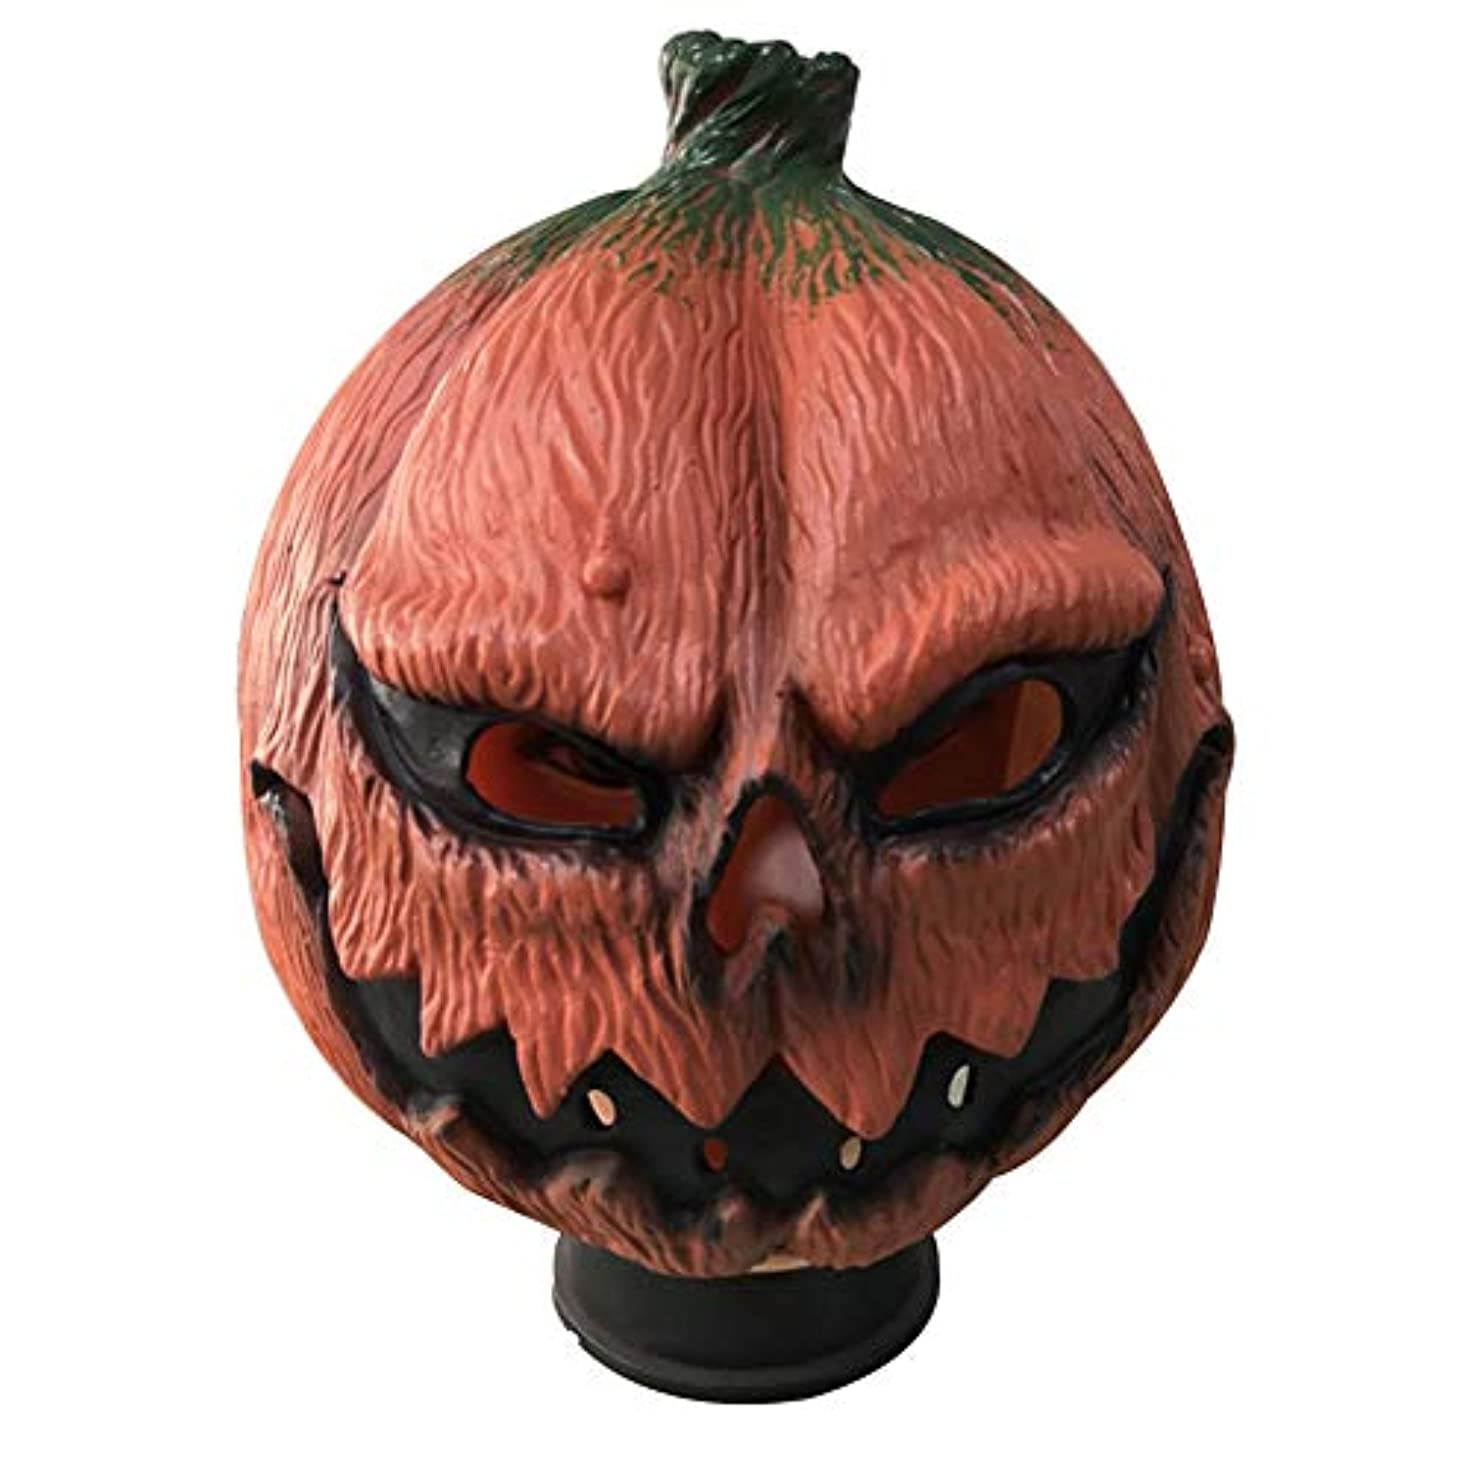 ボタンかもめ可愛いハロウィーンマスク、カボチャラテックスマスク、ハロウィーン、テーマパーティー、カーニバル、レイブパーティー、バーに適しています。